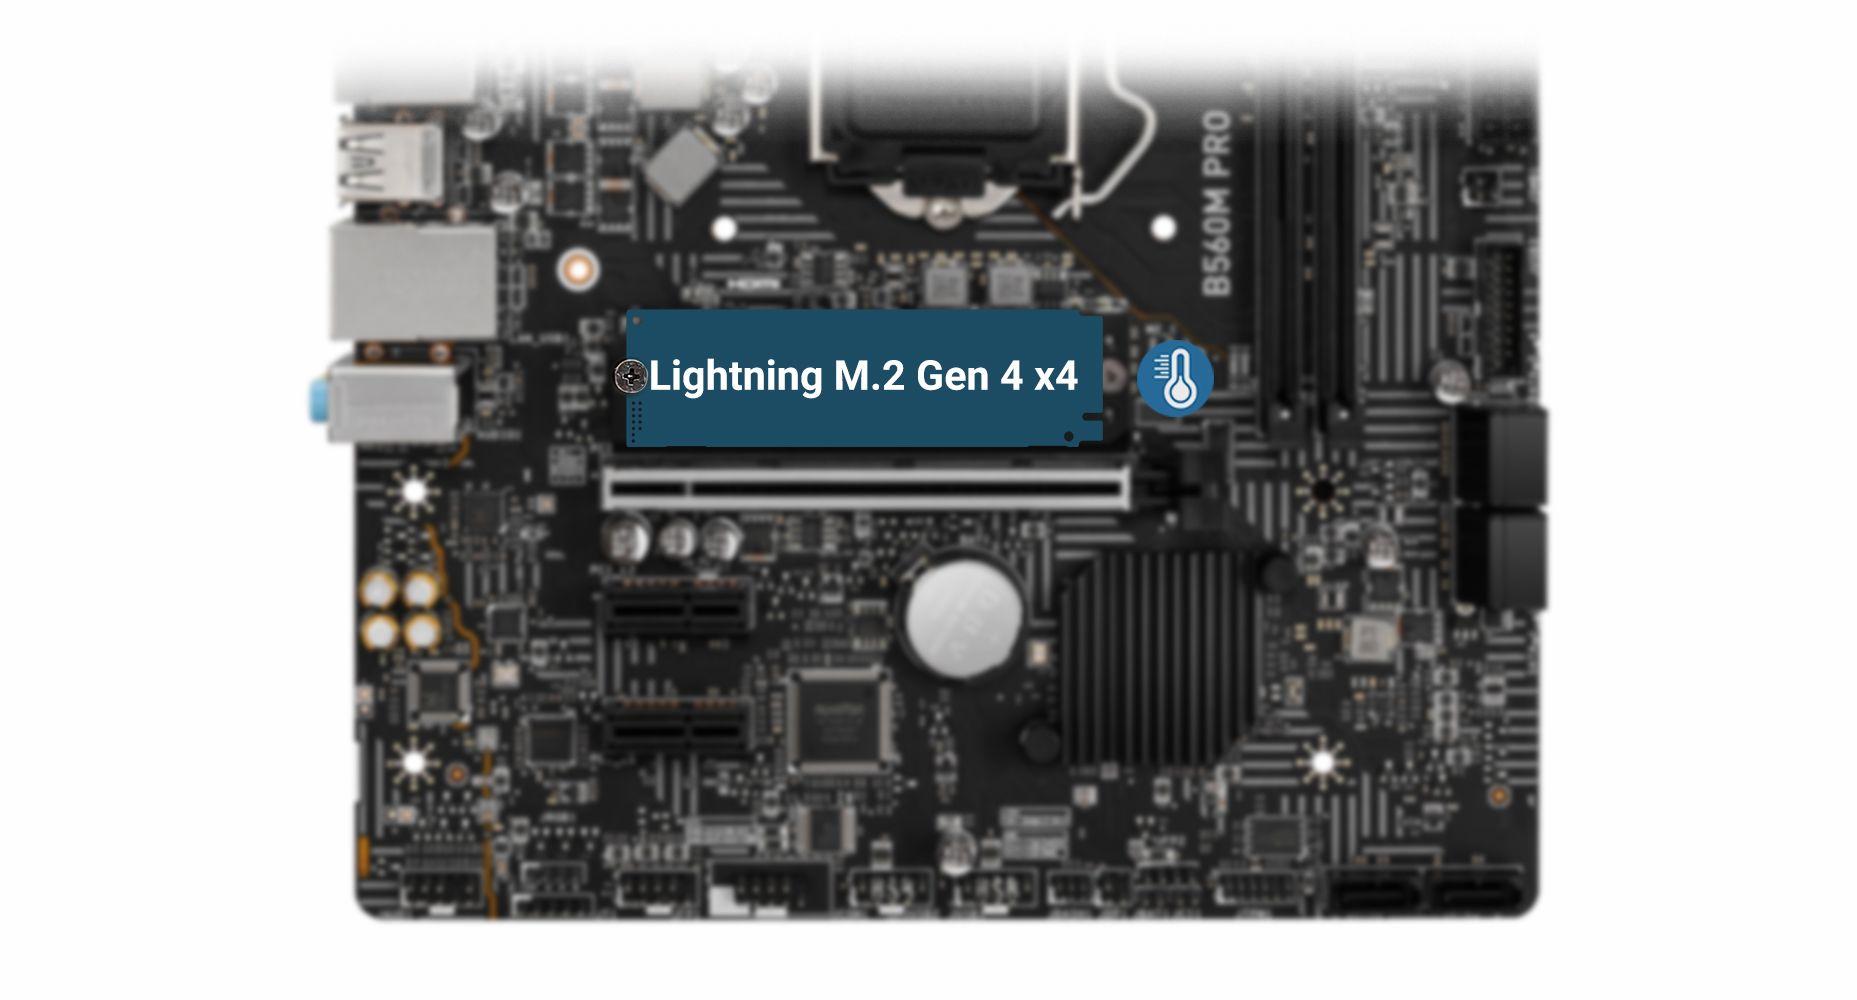 MSI B560M PRO LIGHTNING GEN 4 M.2 WITH M.2 SHIELD FROZR